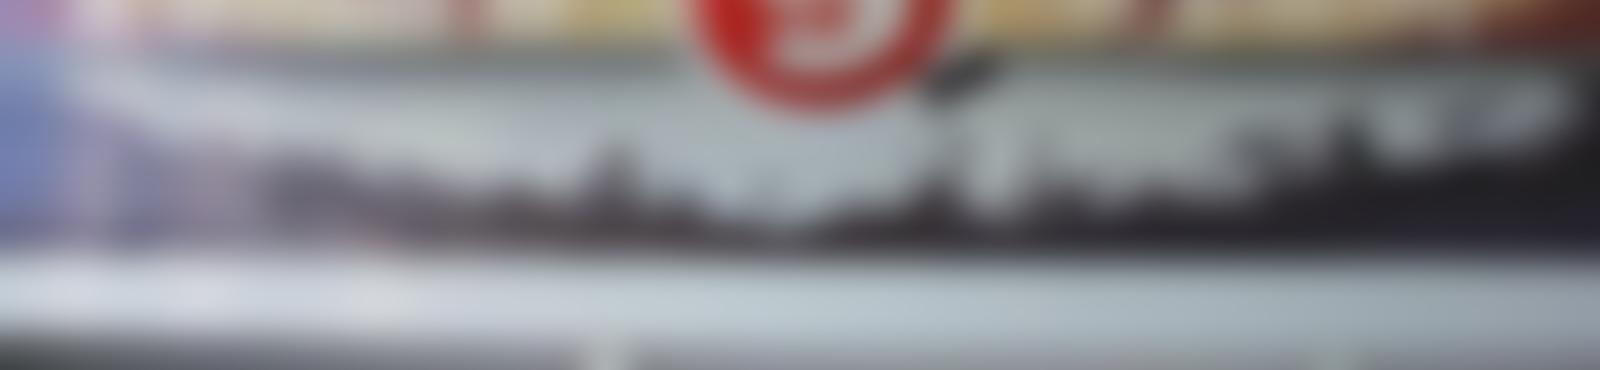 Blurred 12491987 10153371341890866 3122902891296410792 o